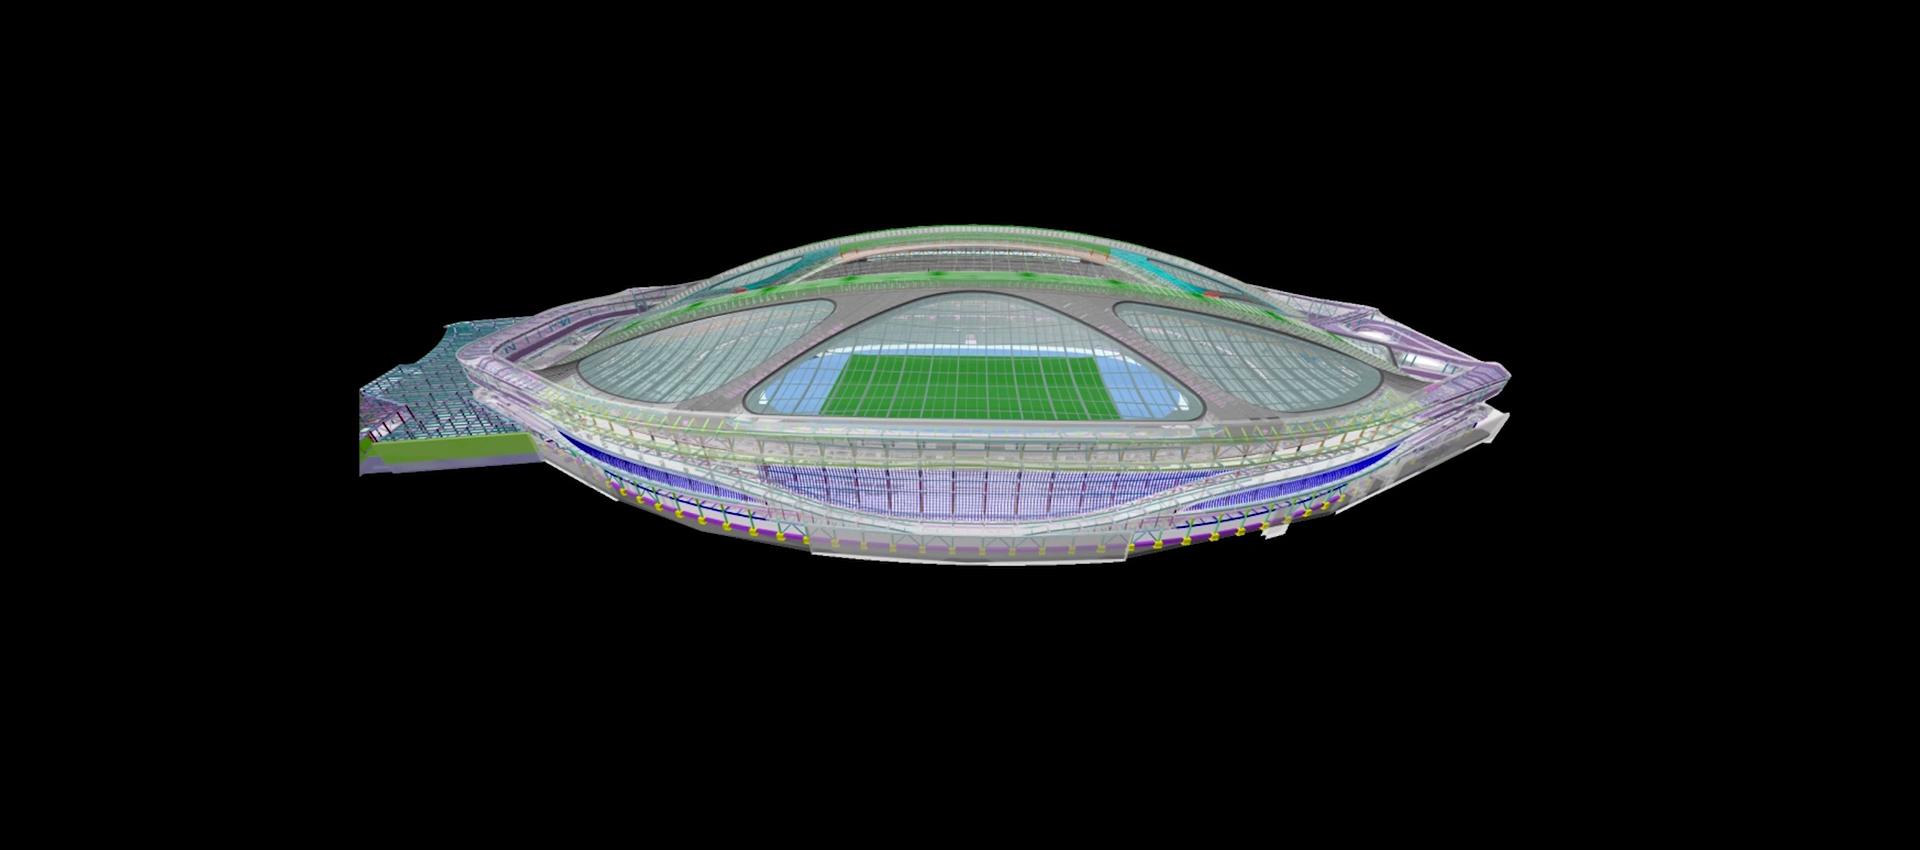 Modelo en 3D. Propuesta de Nuevo Estadio Nacional de Tokio por Zaha Hadid Architects. Imágen corte de pantalla del vídeo de presentación